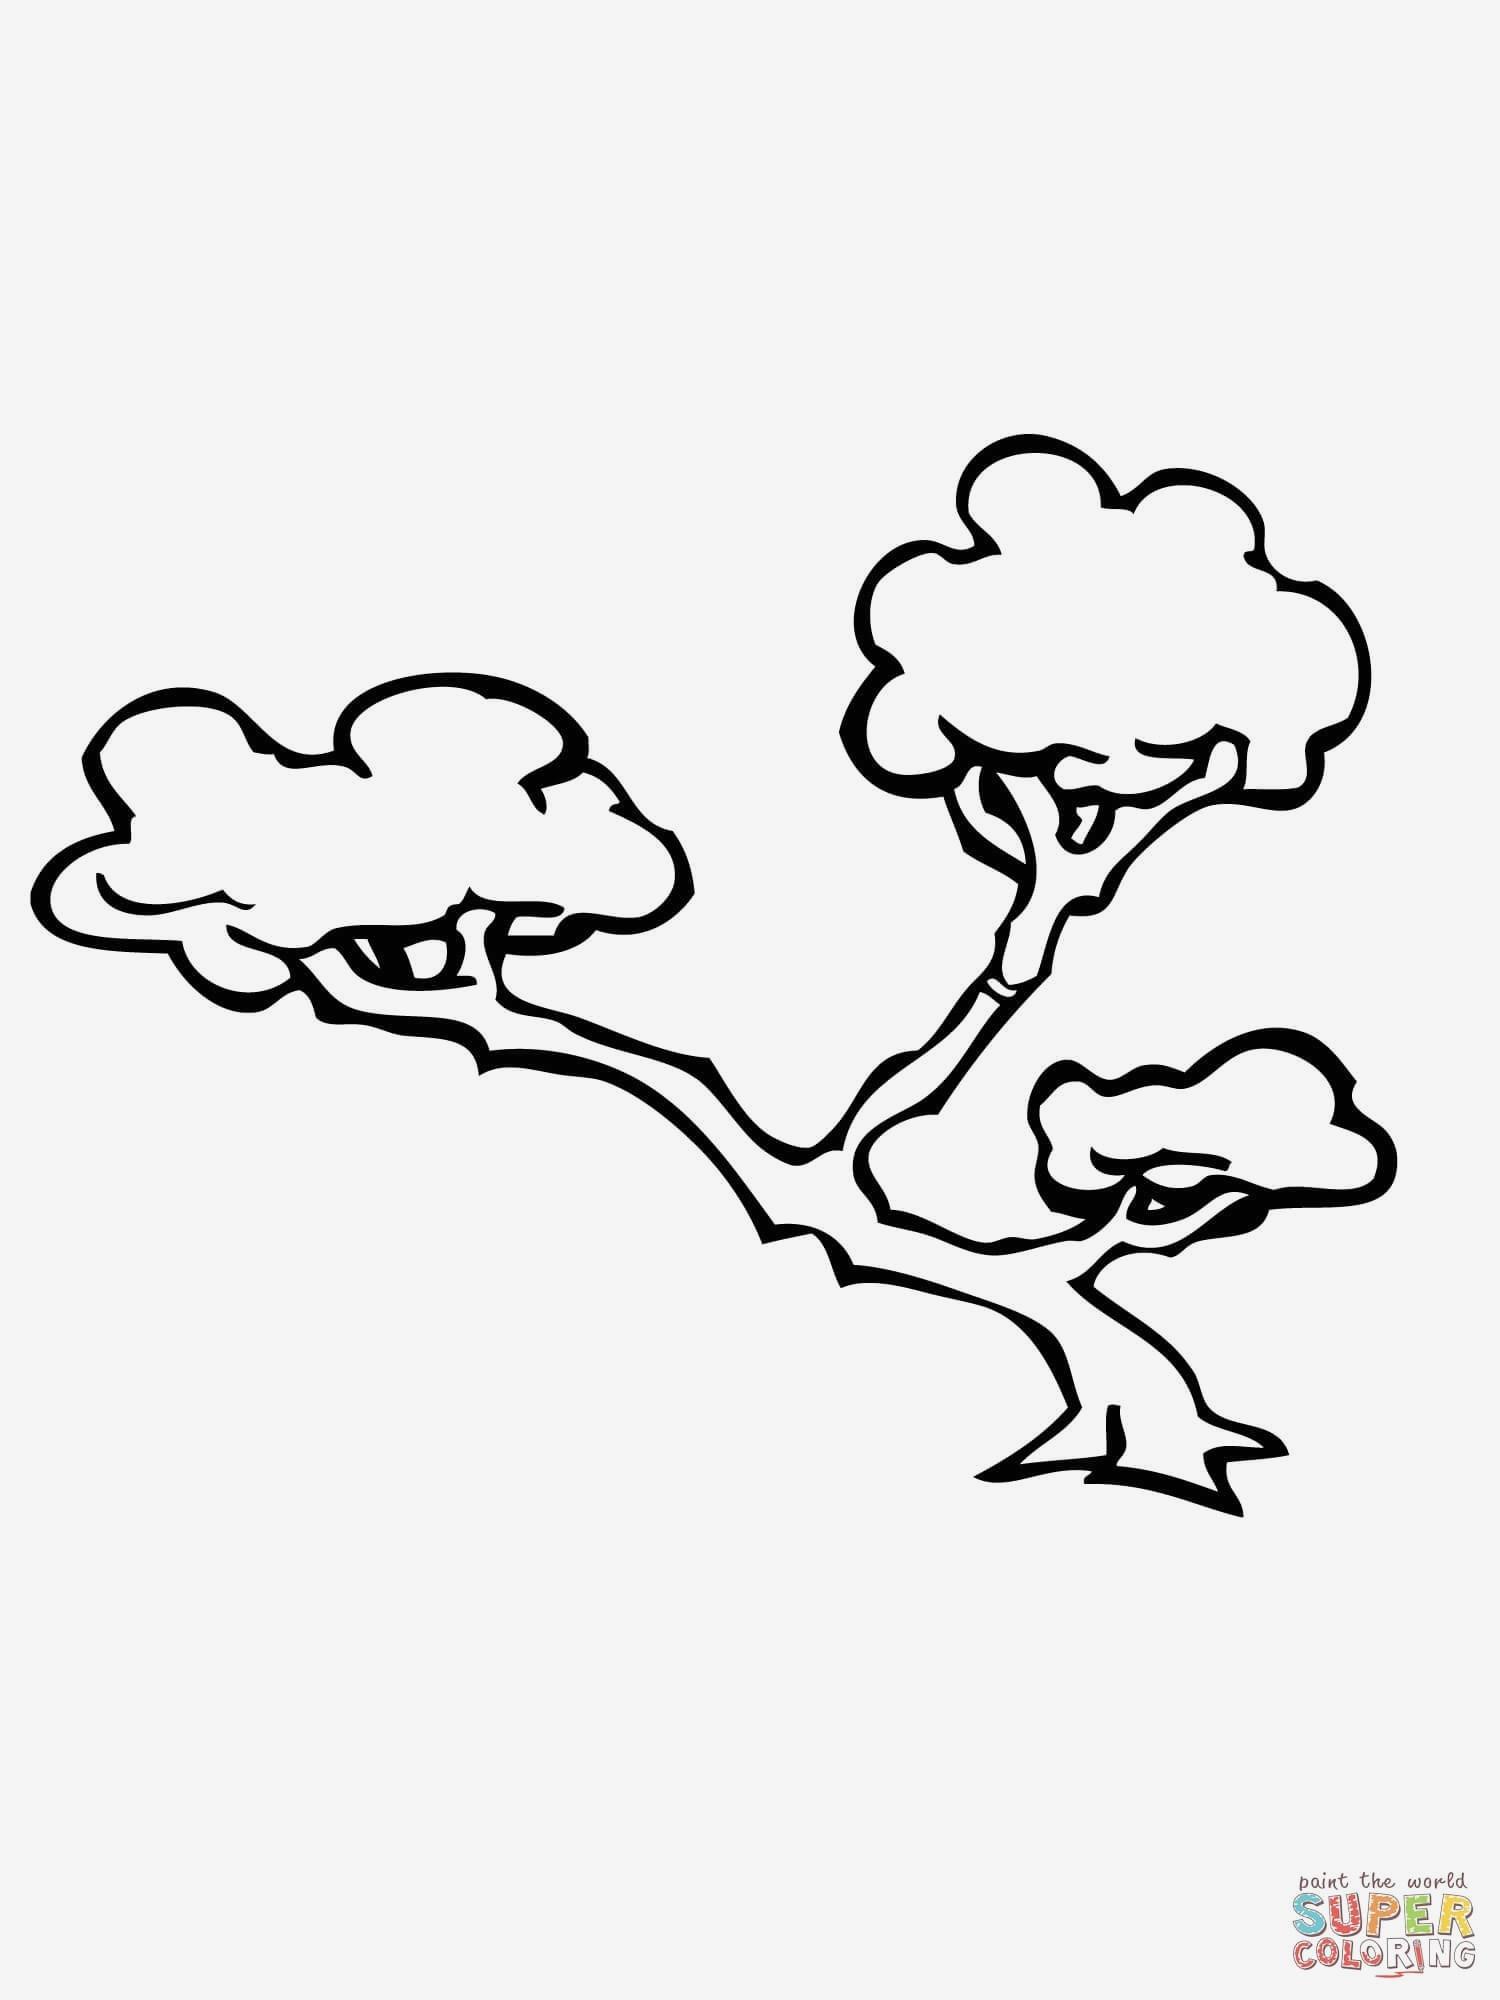 Malvorlage Baum Mit Wurzeln Frisch Bildergalerie & Bilder Zum Ausmalen Ausmalbilder Kostenlos Bilder